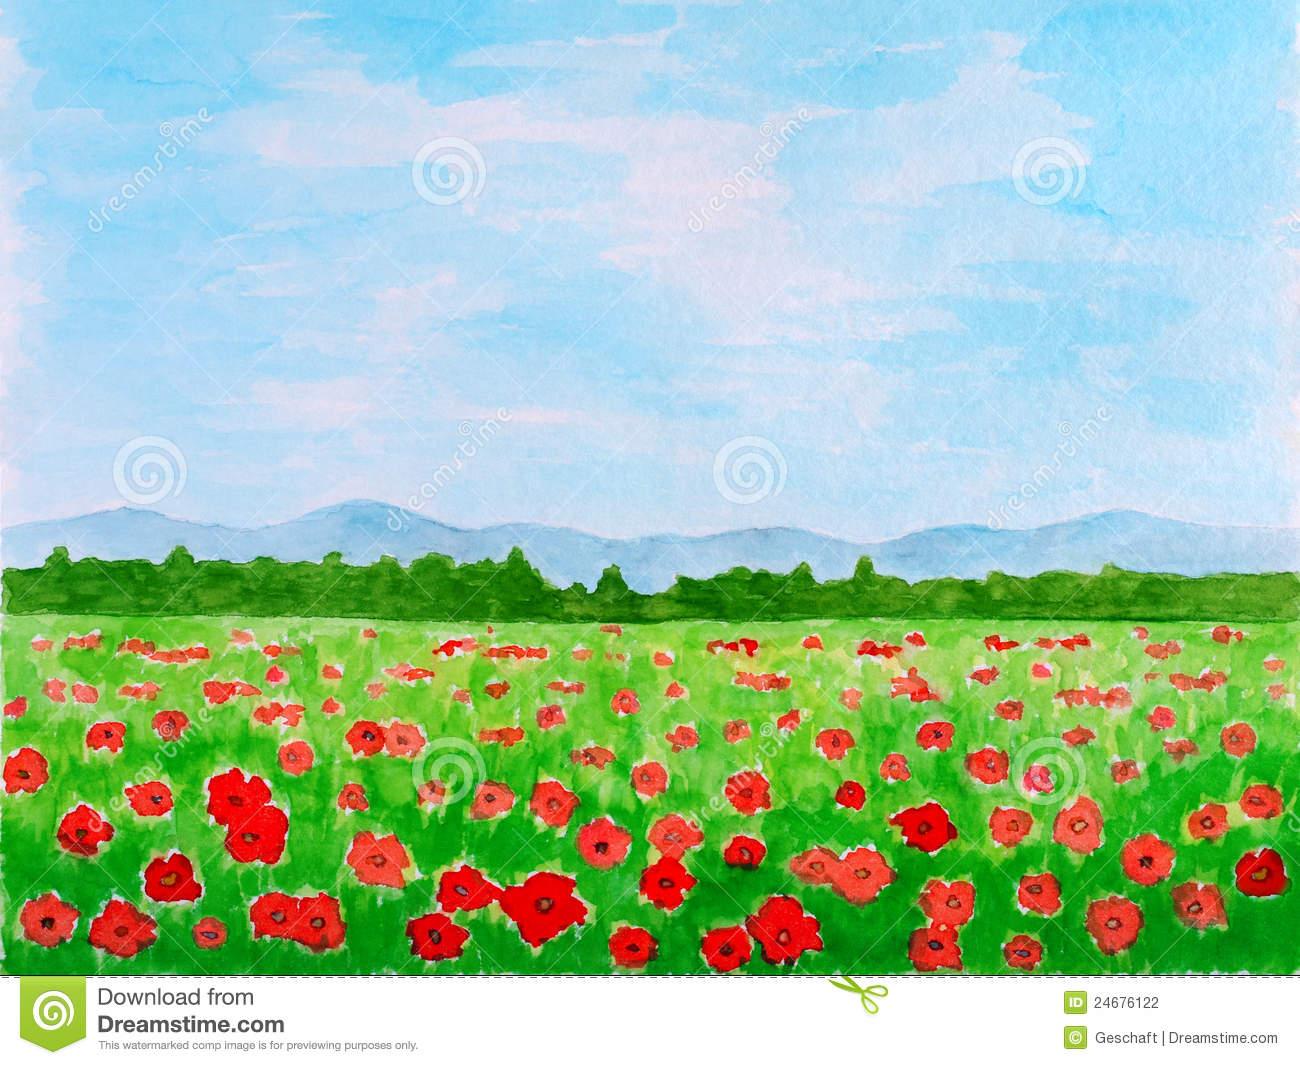 Flower meadow clipart #16